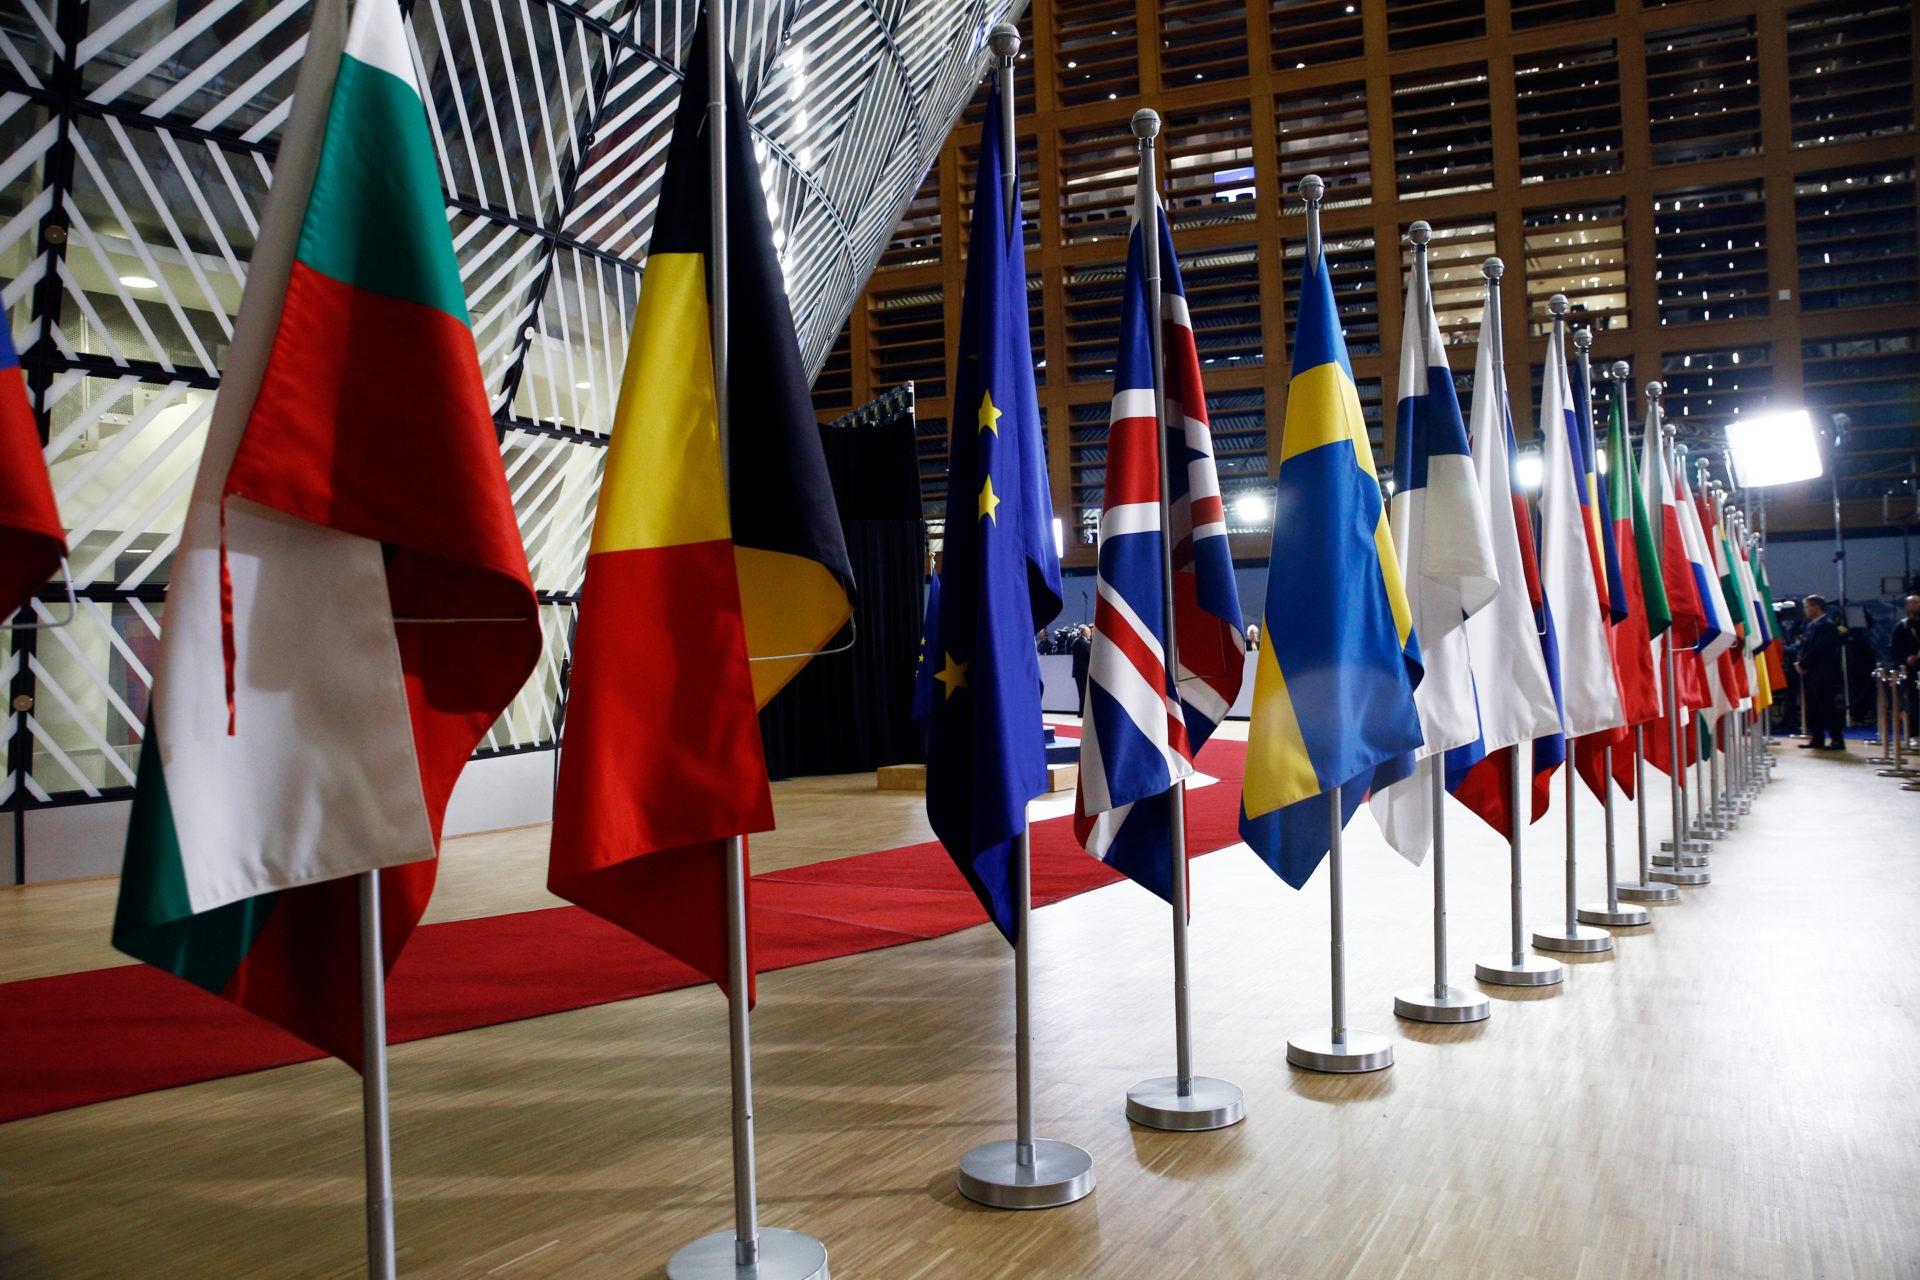 La question de l'élargissement de l'UE à l'Albanie et la Macédoine du Nord